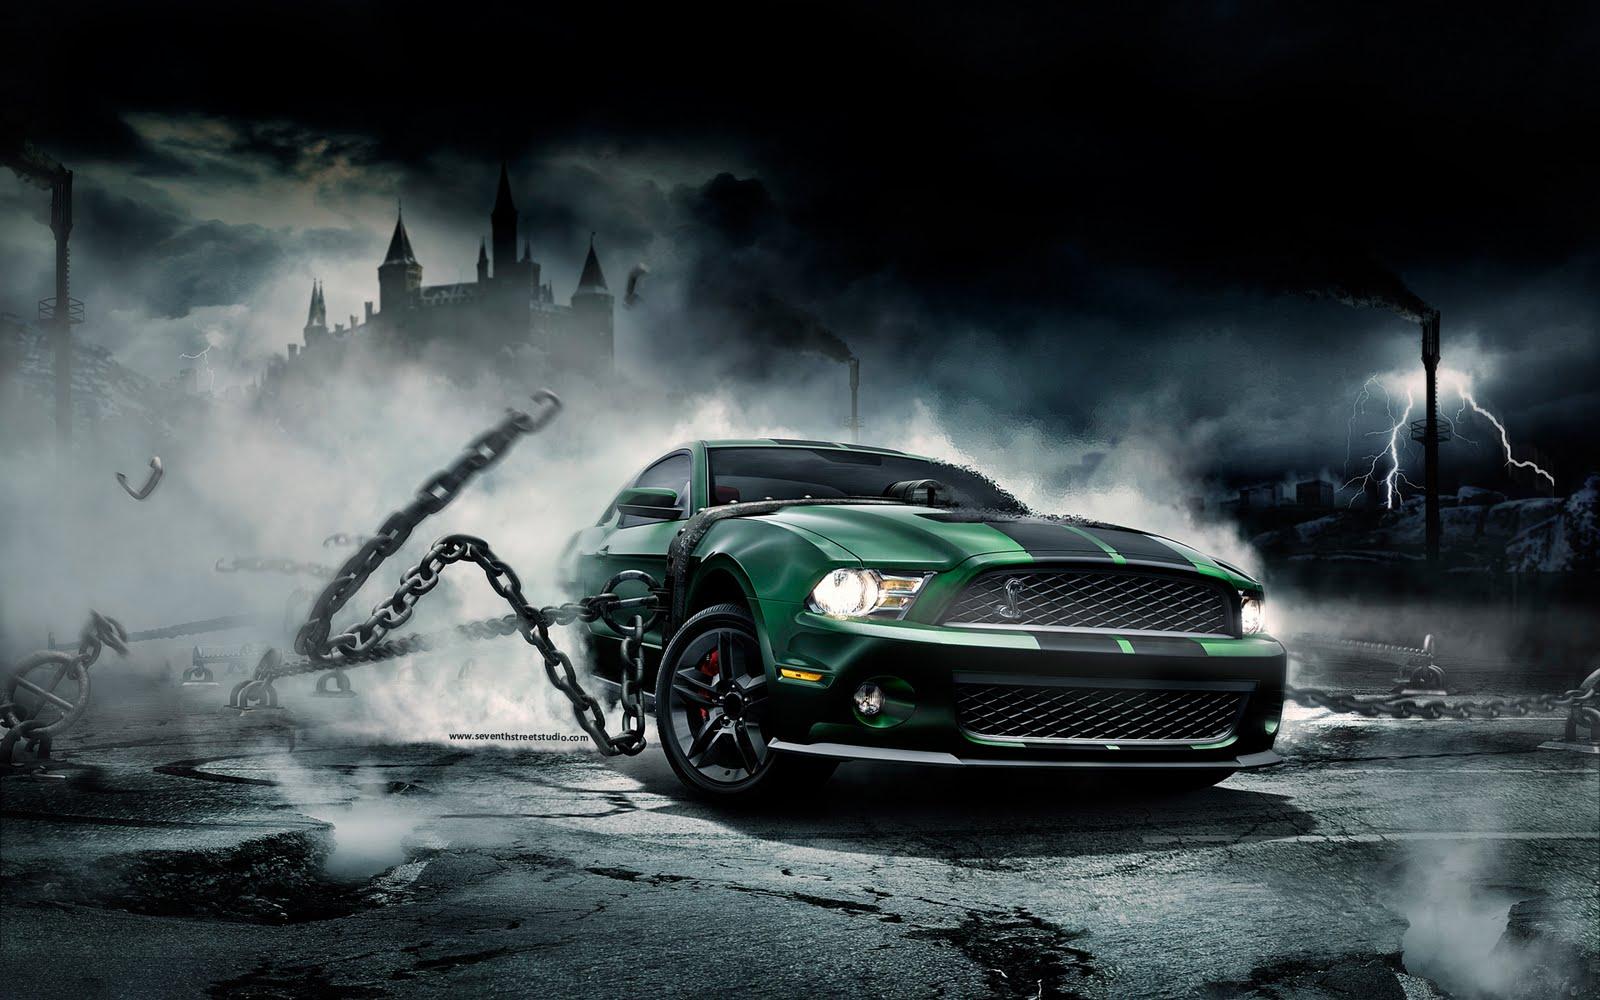 http://3.bp.blogspot.com/-BtNhZK8N324/Tbj7Hv9imiI/AAAAAAAACPc/GlC6zi0eIBM/s1600/TheWallpaperDB.blogspot.com__+__Cars+%252826%2529.jpg